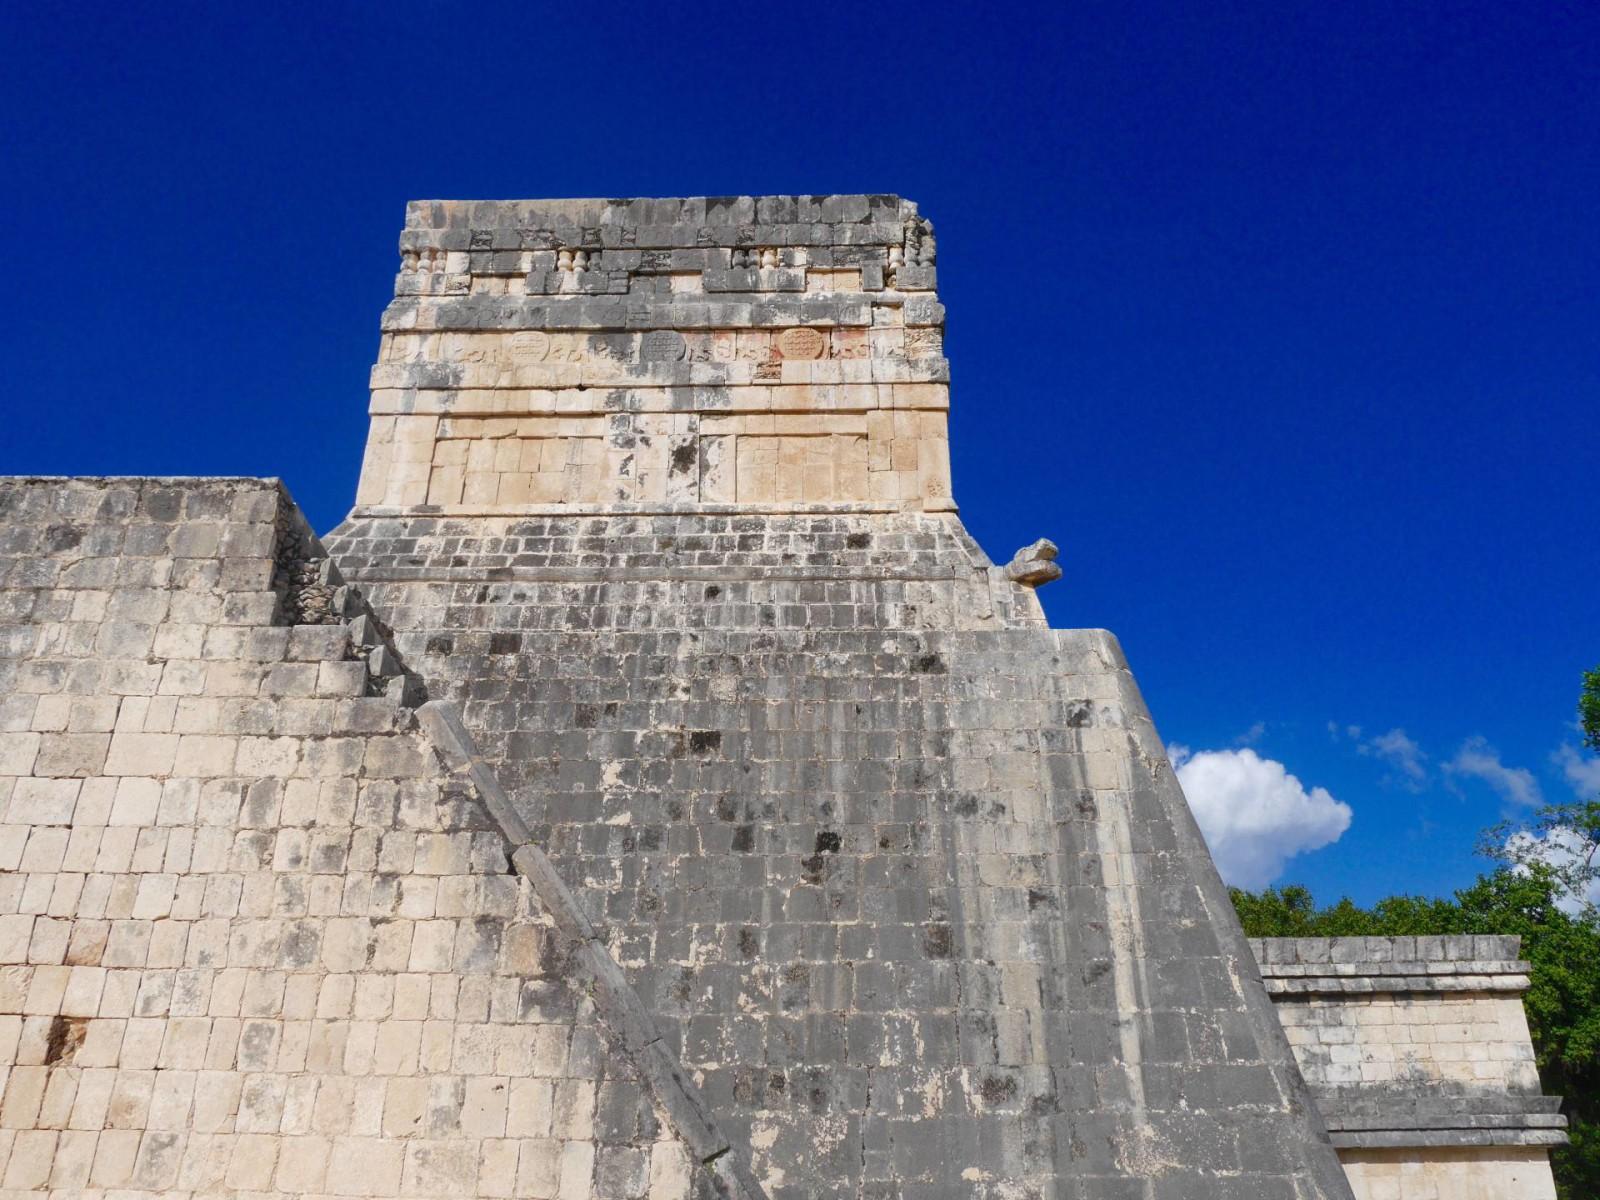 chichen-itza-mexico-ruins